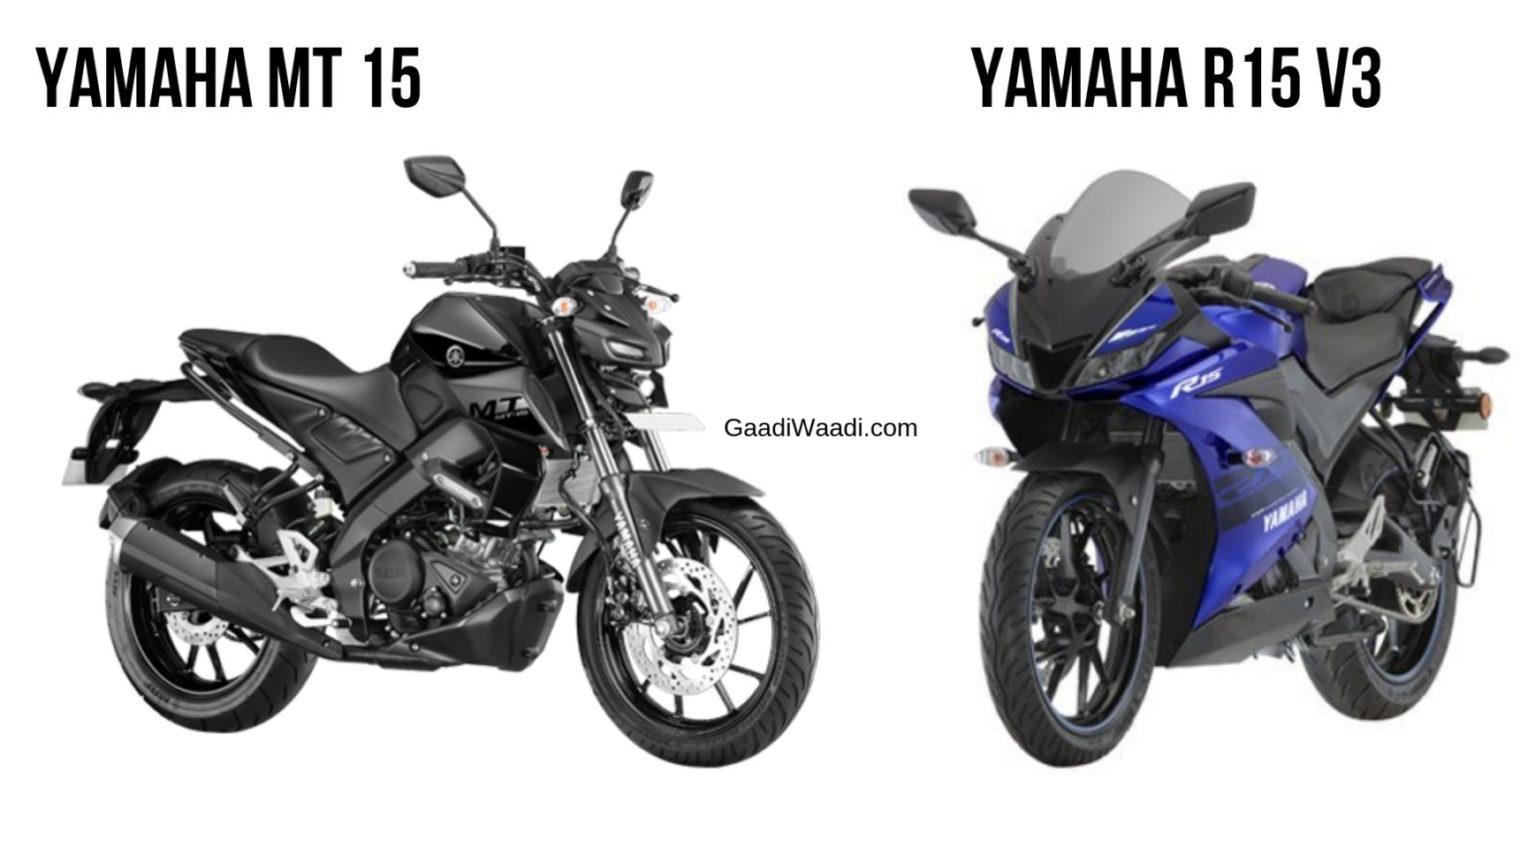 Yamaha MT 15 Facebook: Yamaha YZF-R15 V3 VS Yamaha MT 15